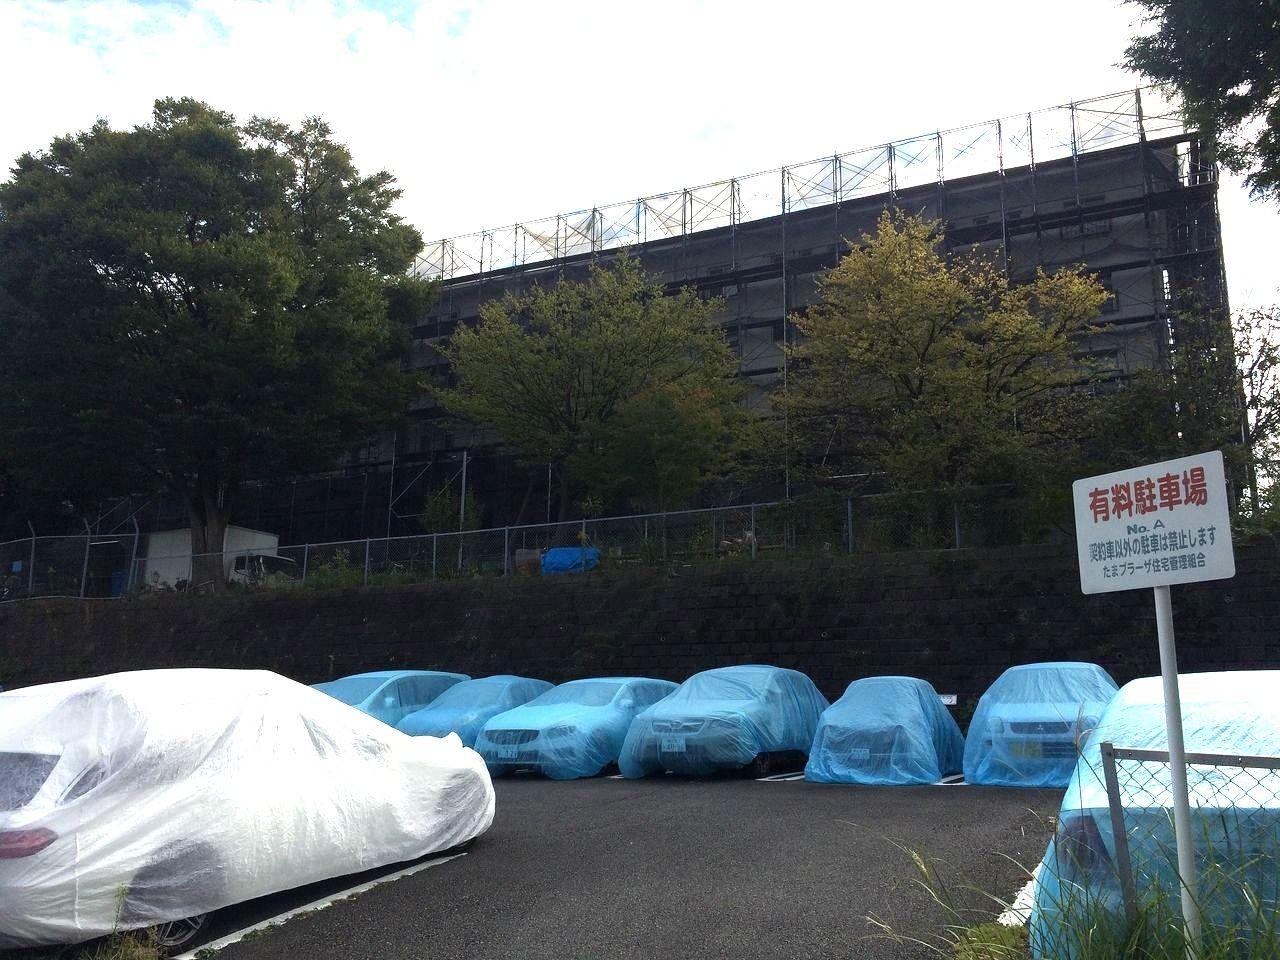 たまプラーザ団地の№A駐車場から見た屋上防水工事の様子